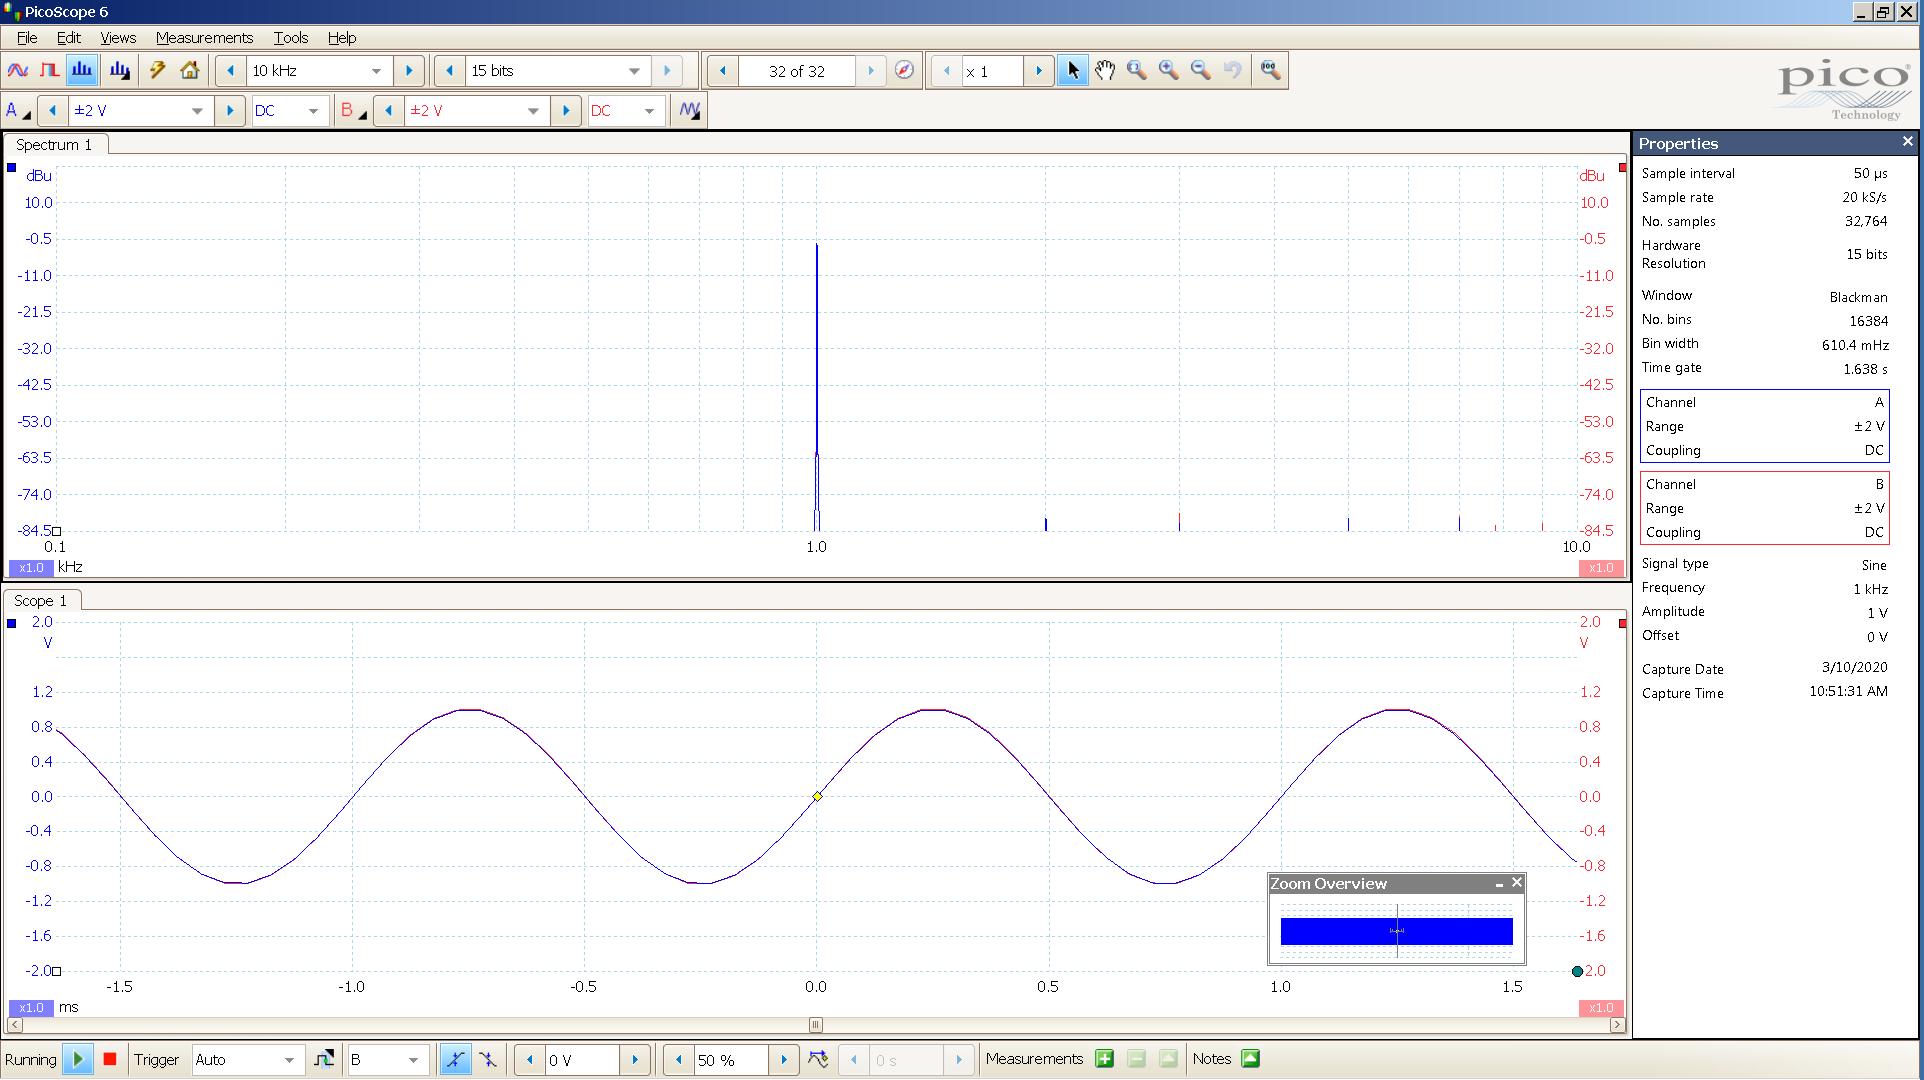 20200310 SigGen LiqPlat 1 KHz sine 2000mVpp FFT + Time - Blue SigGen SE input - Red LP SE 300R.png